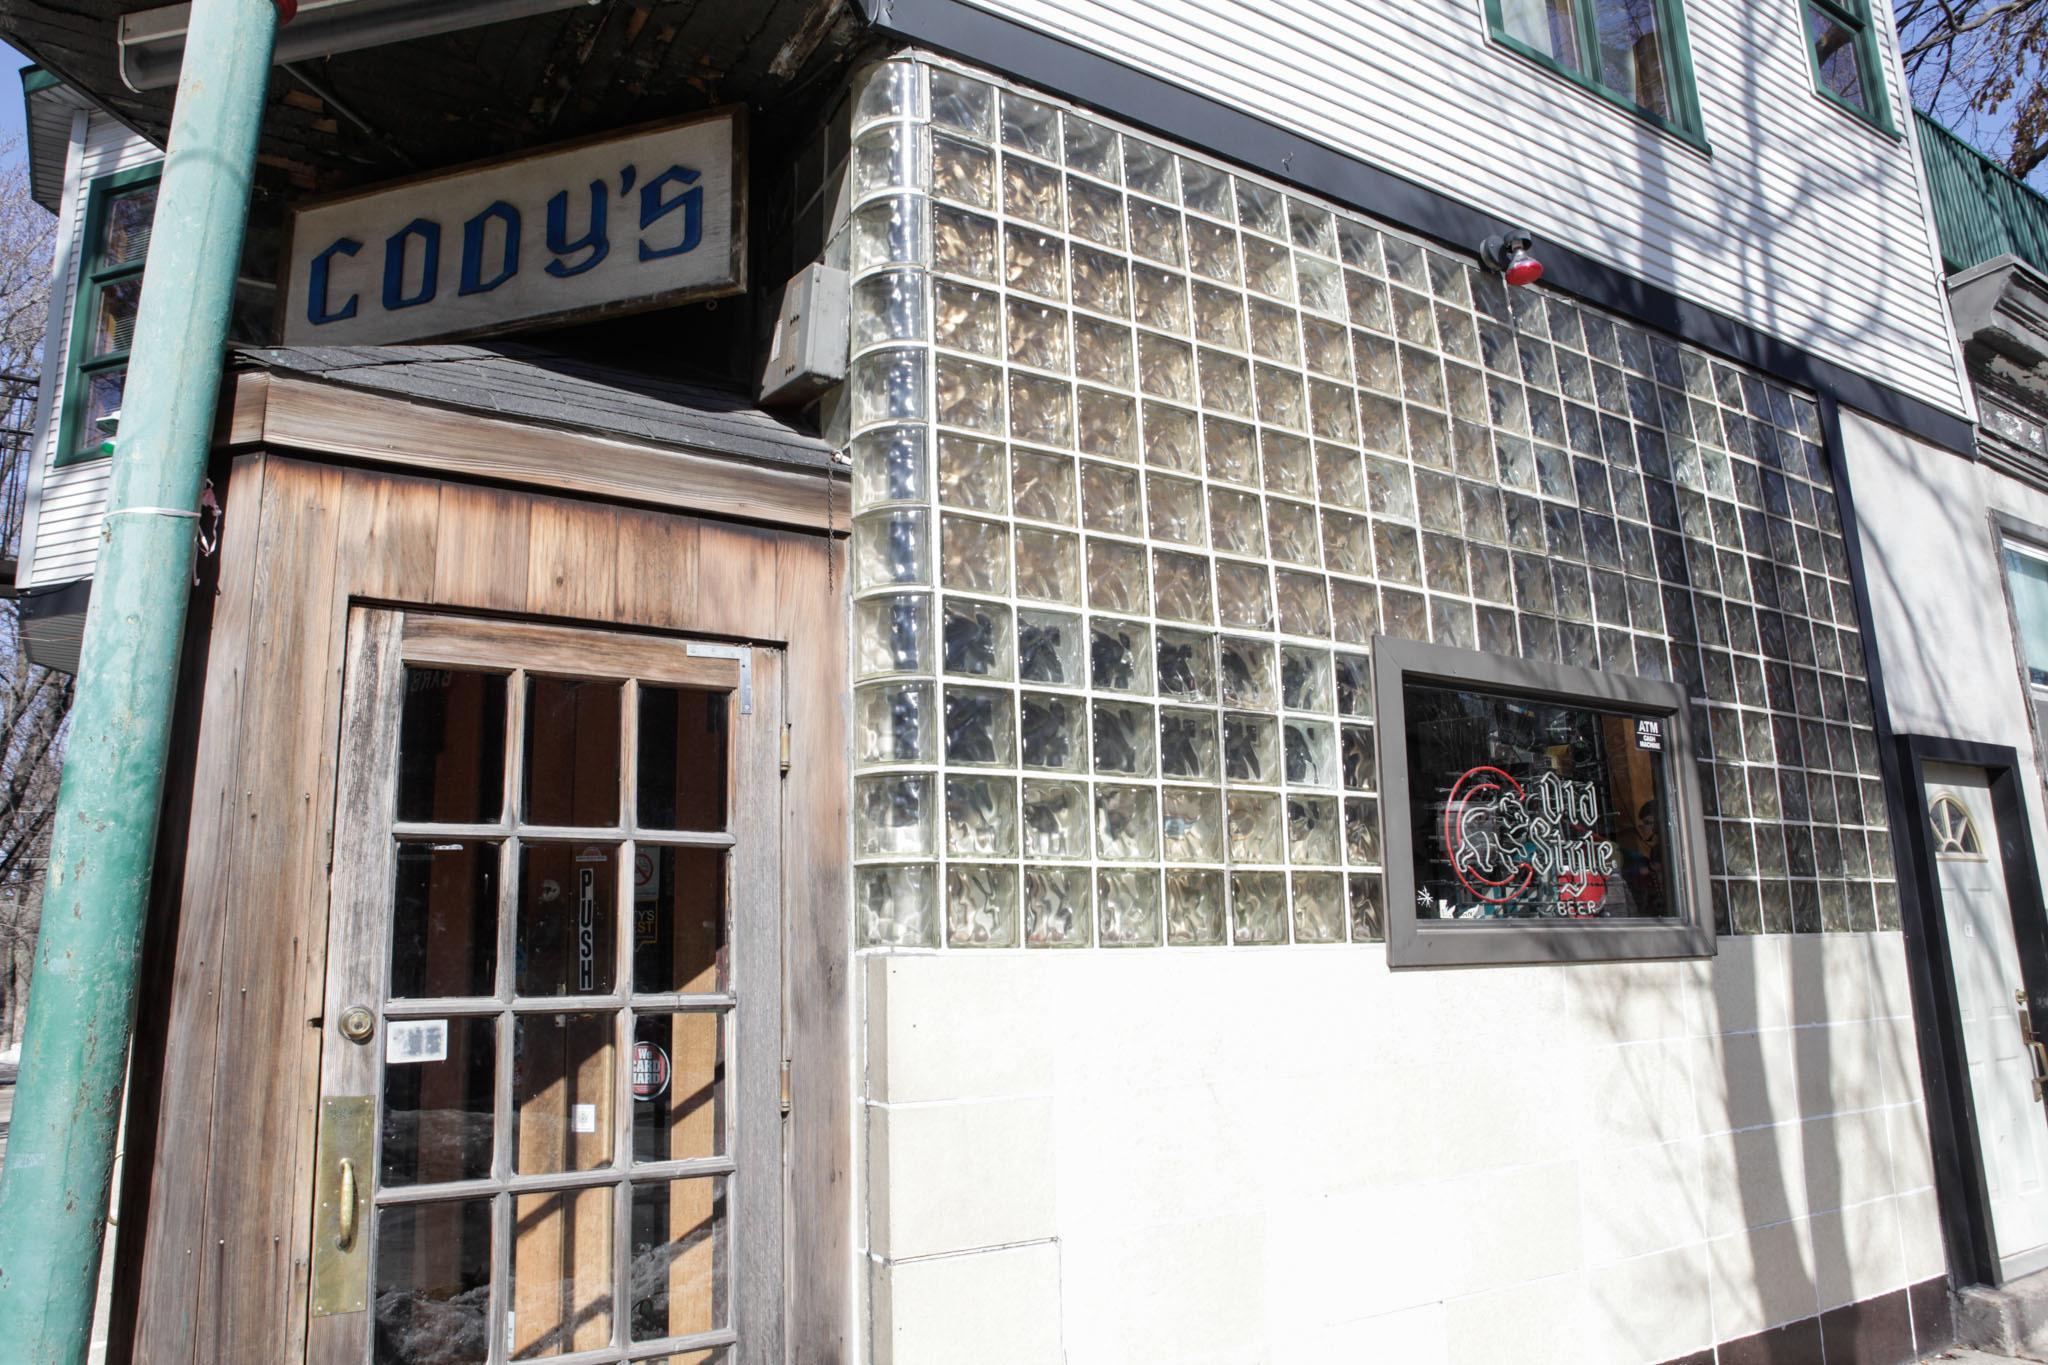 Bags and Darts at Cody's